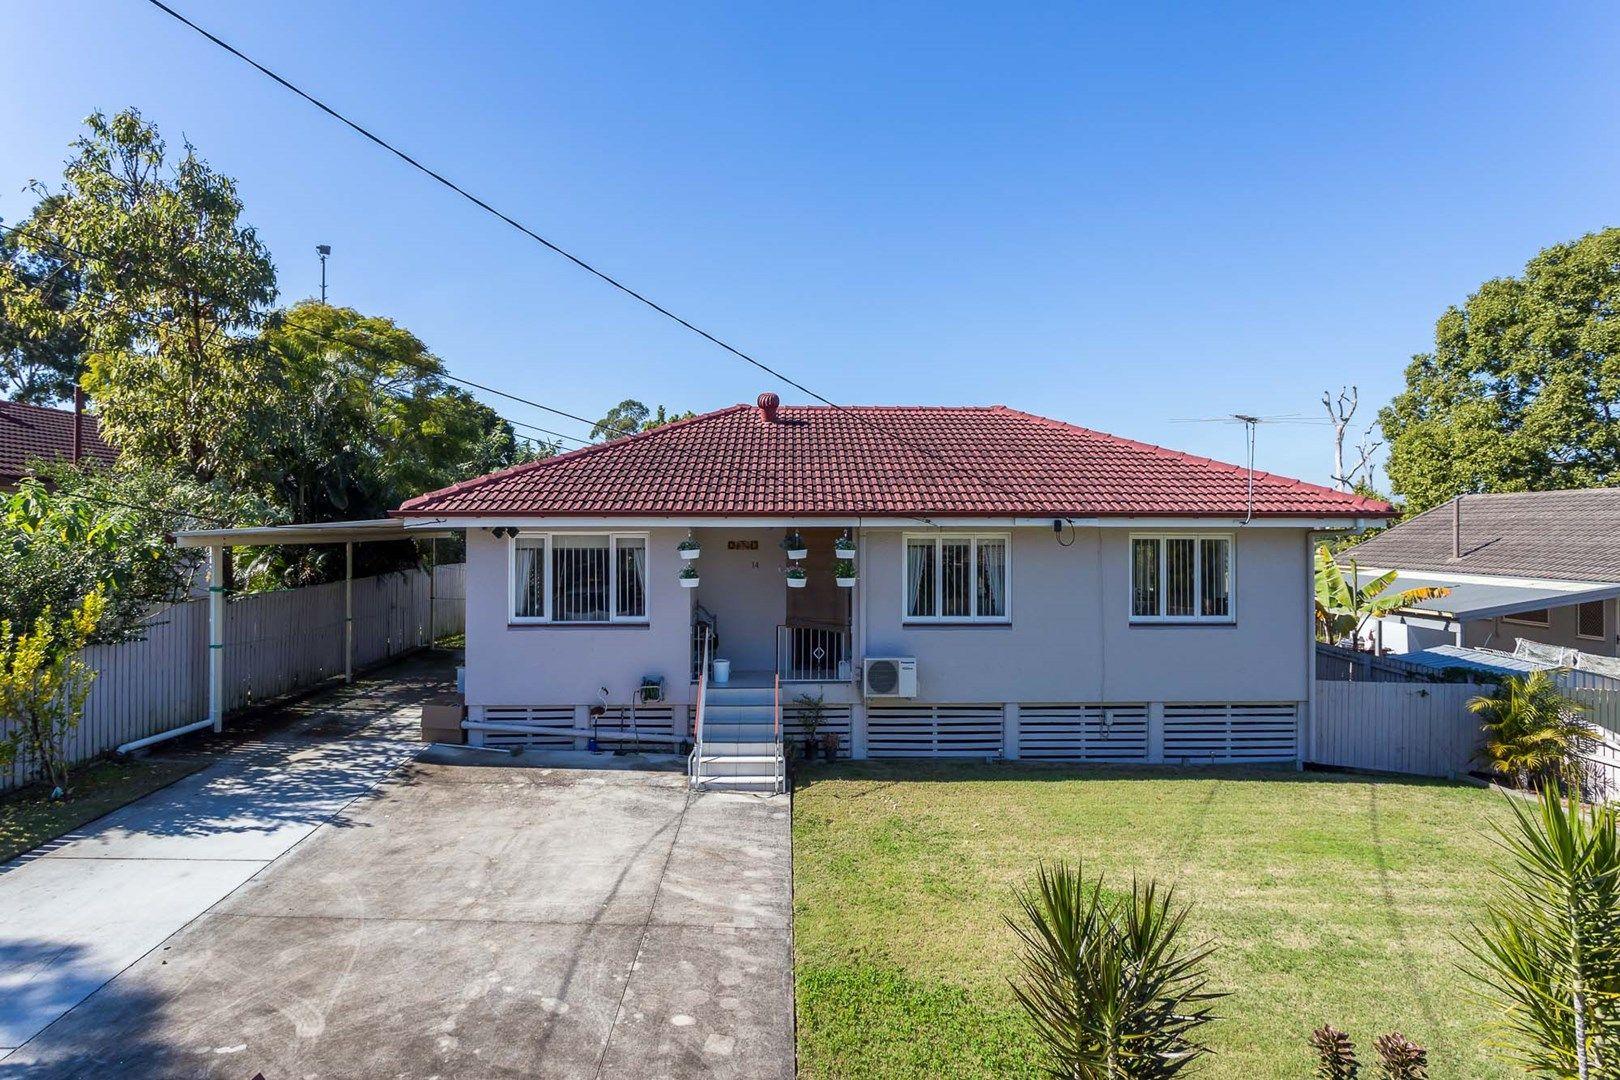 14 Schodel Street, Woodridge QLD 4114, Image 1